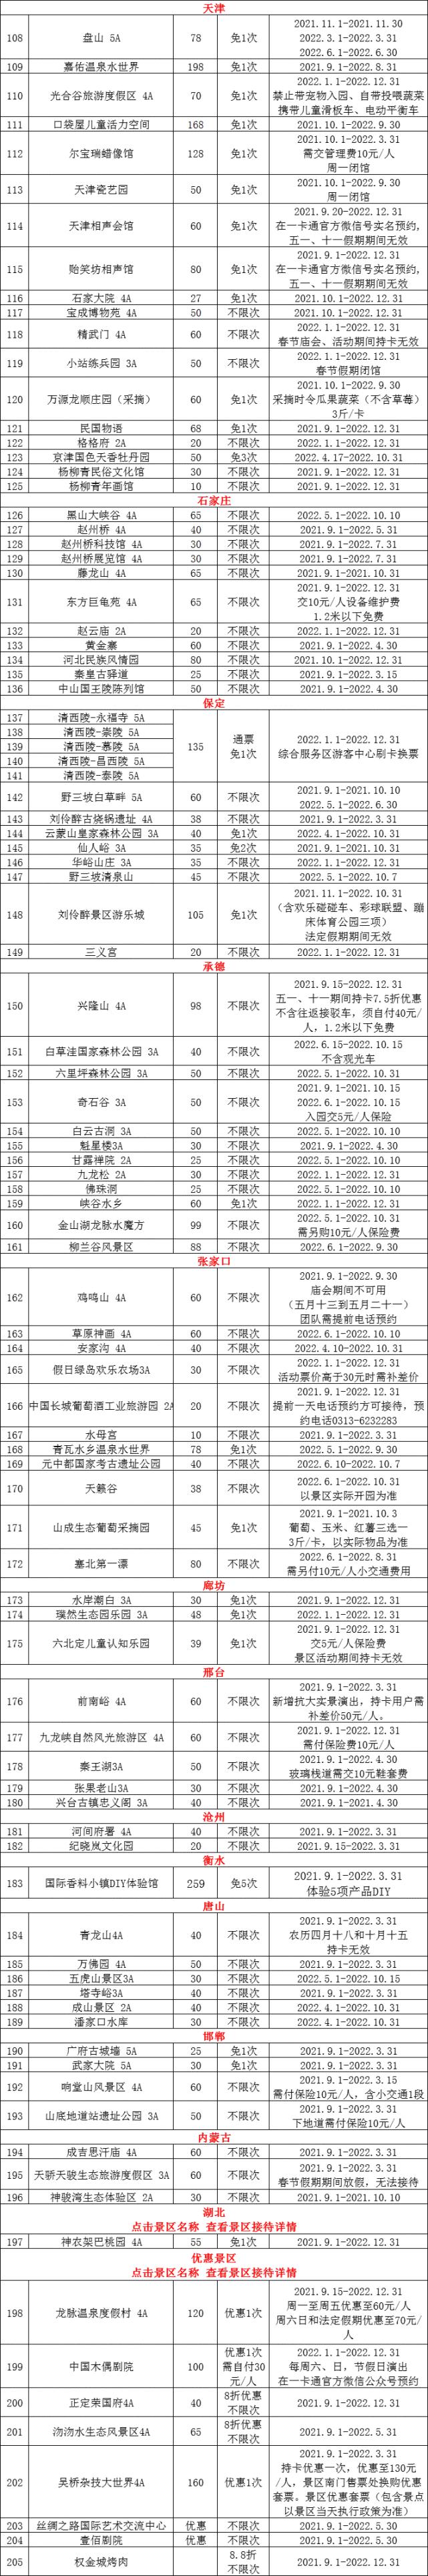 2022年京津冀旅游一卡通景区目录[墙根网]